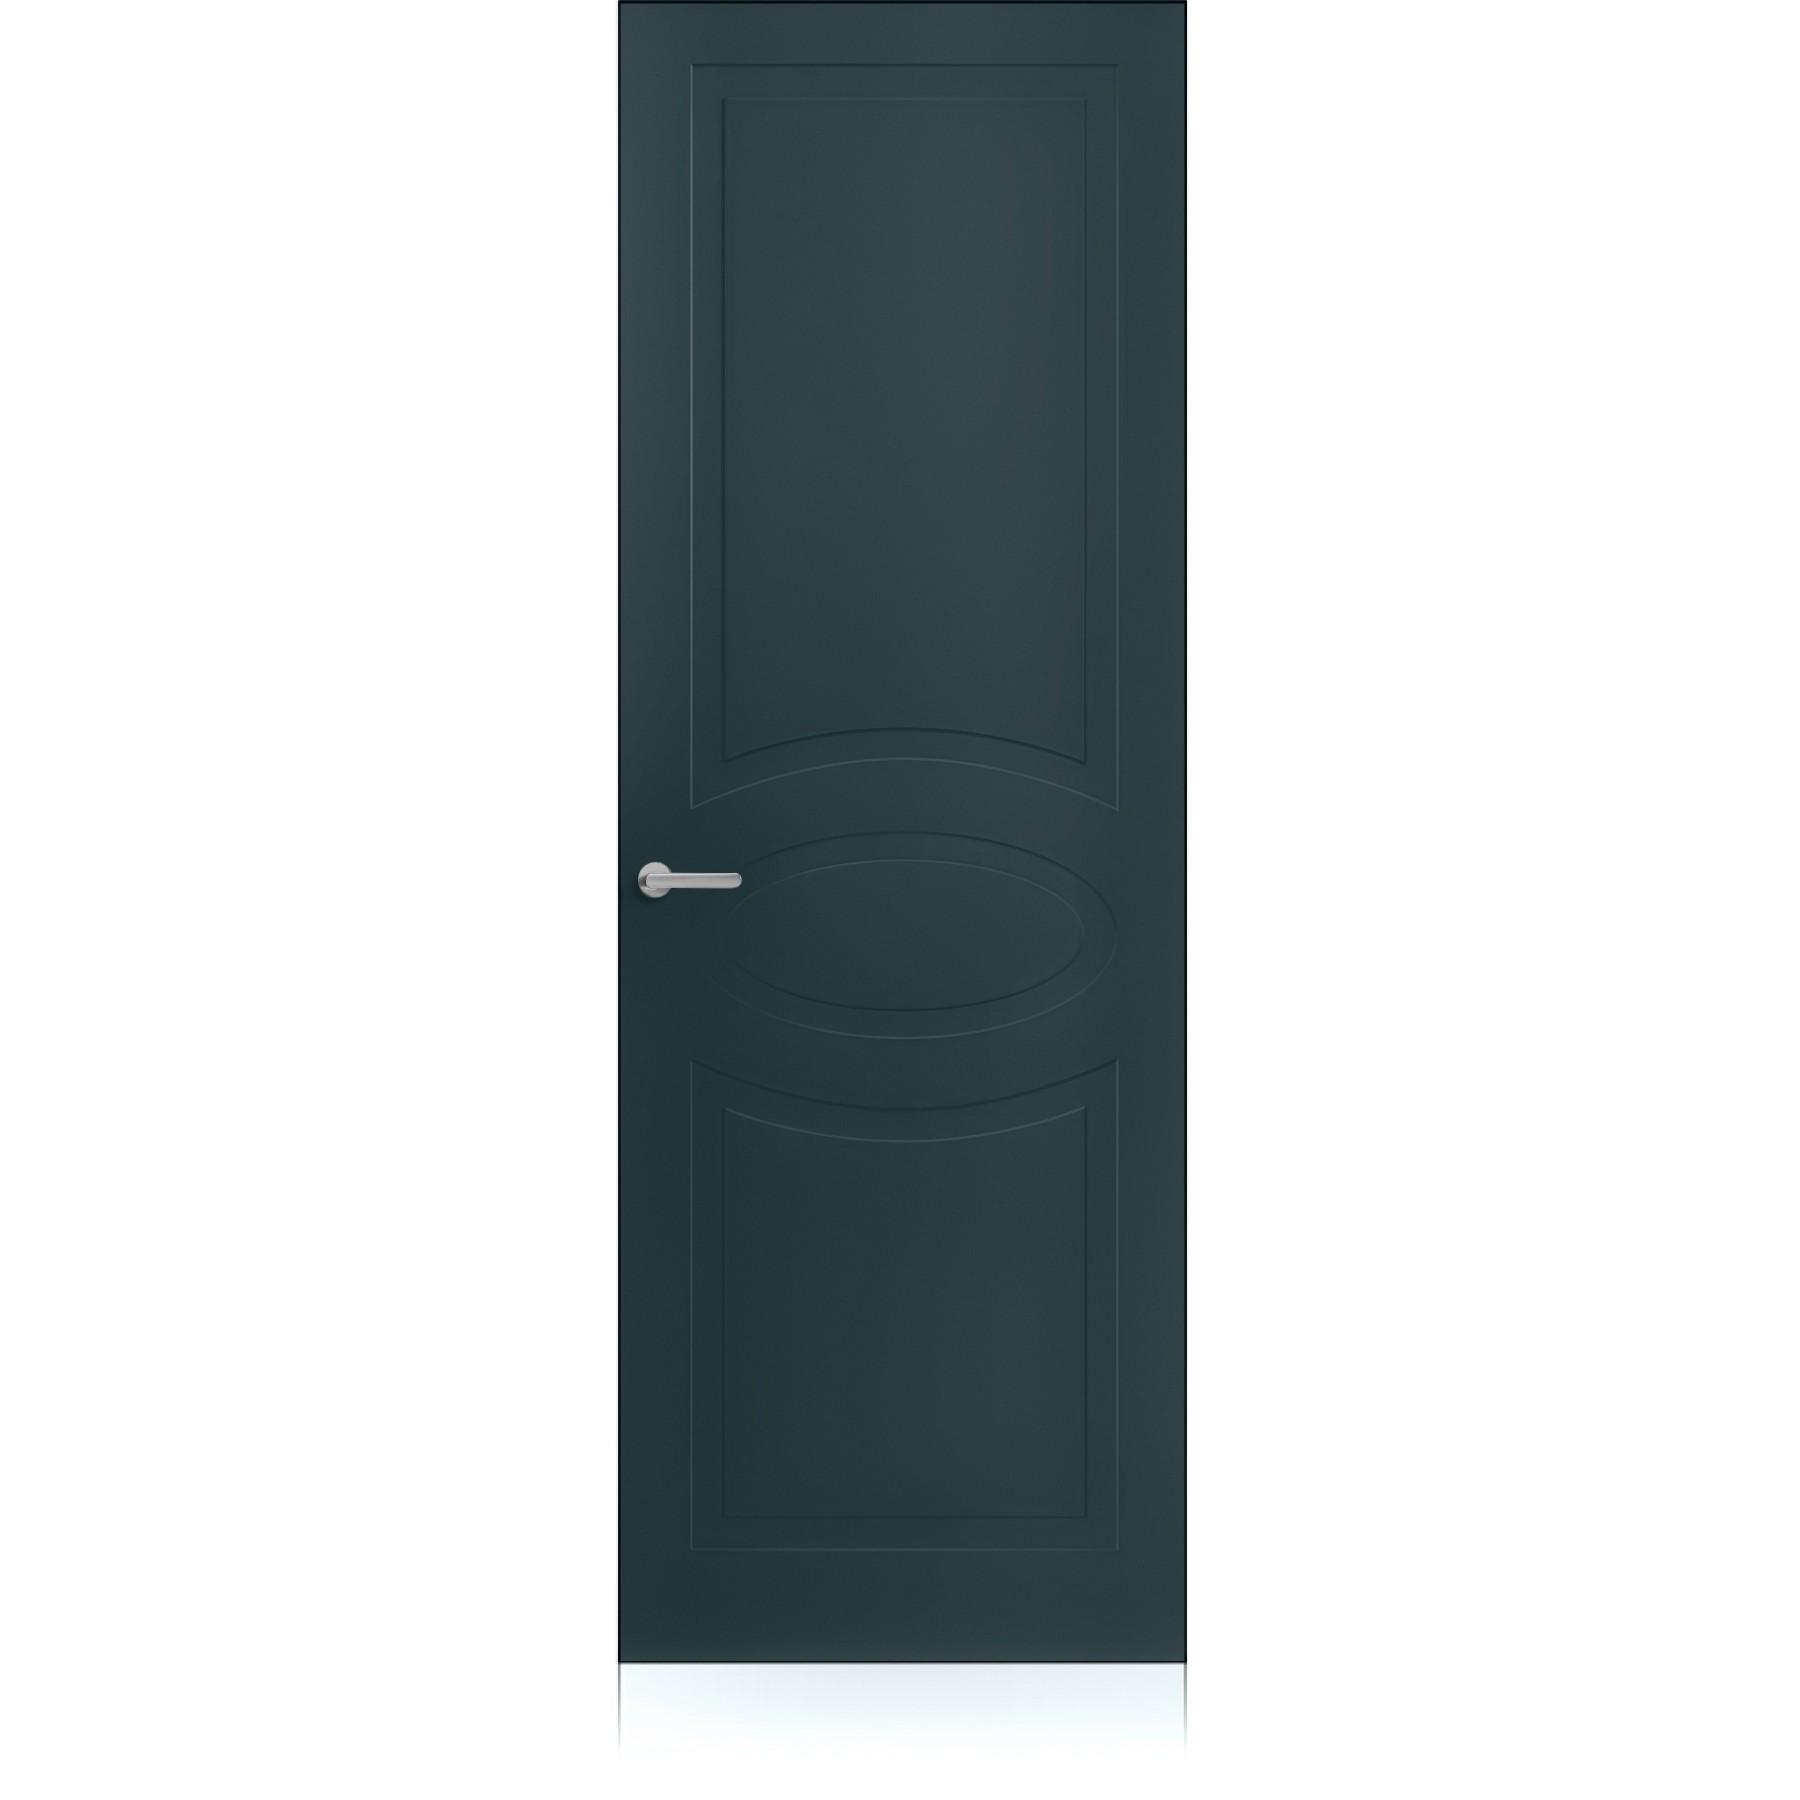 Porta Mixy / 8 Zero Metallo Dark Laccato ULTRAopaco